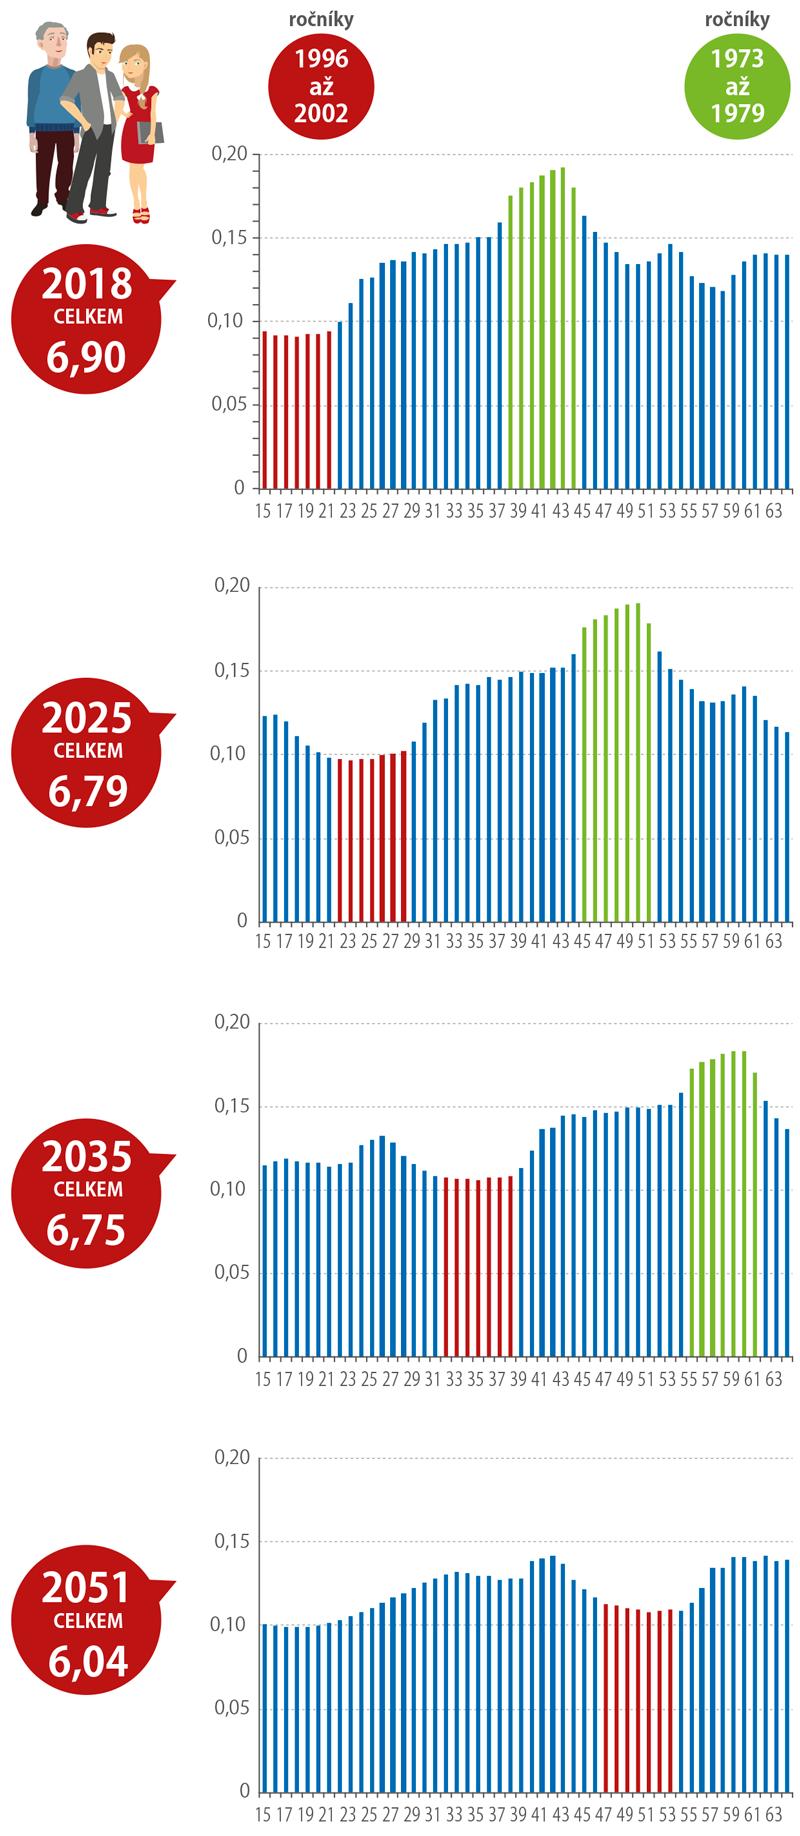 Očekávaný počet obyvatel ve věku 15 až 64 let (mil.) (stav k1. 1. daného roku)